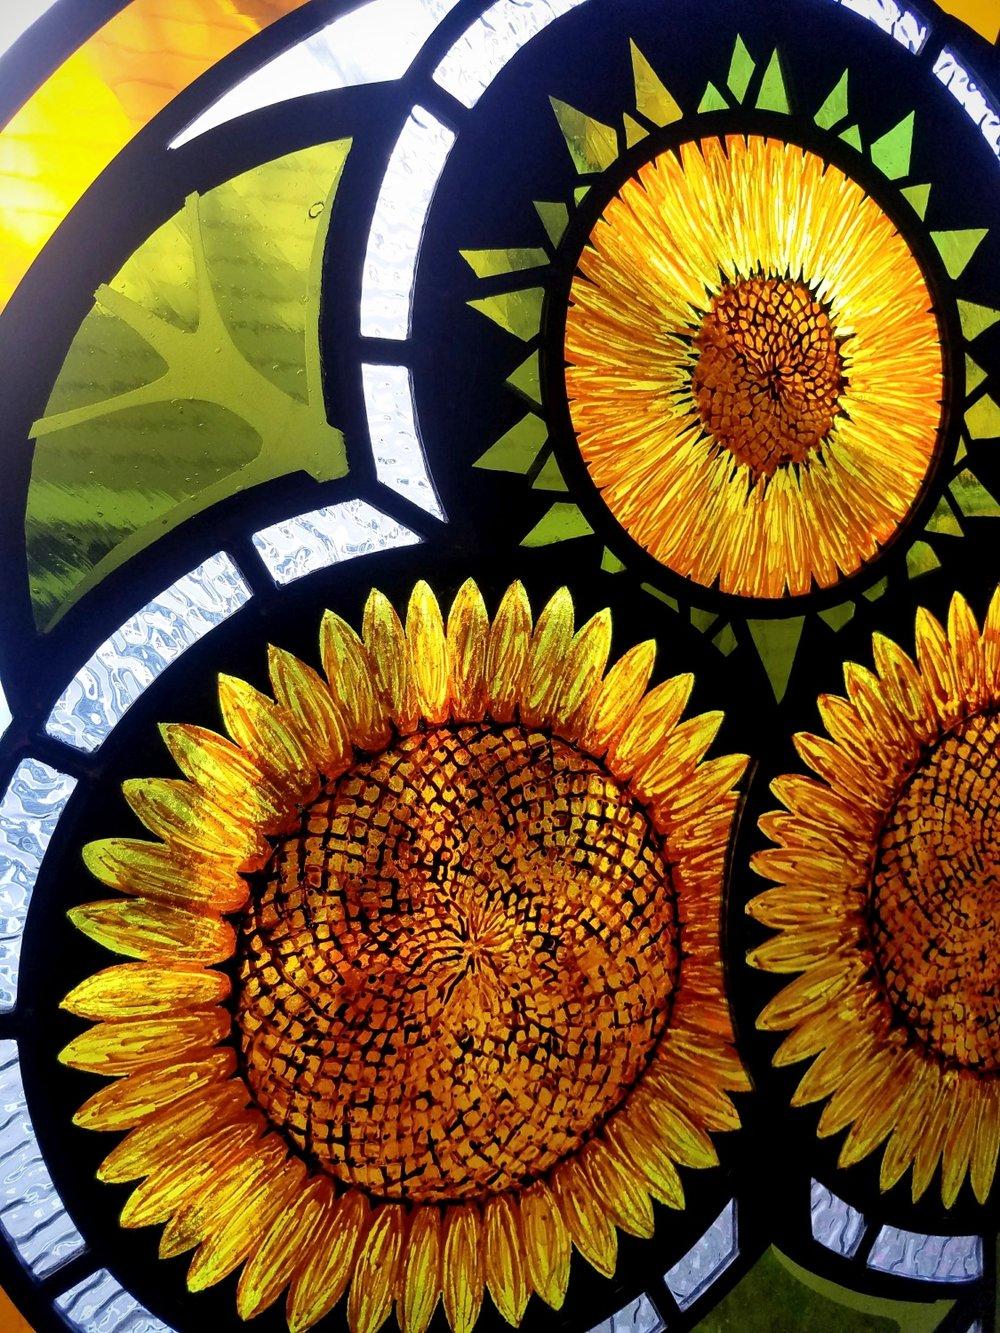 Sunflower_detail_web'17.jpg